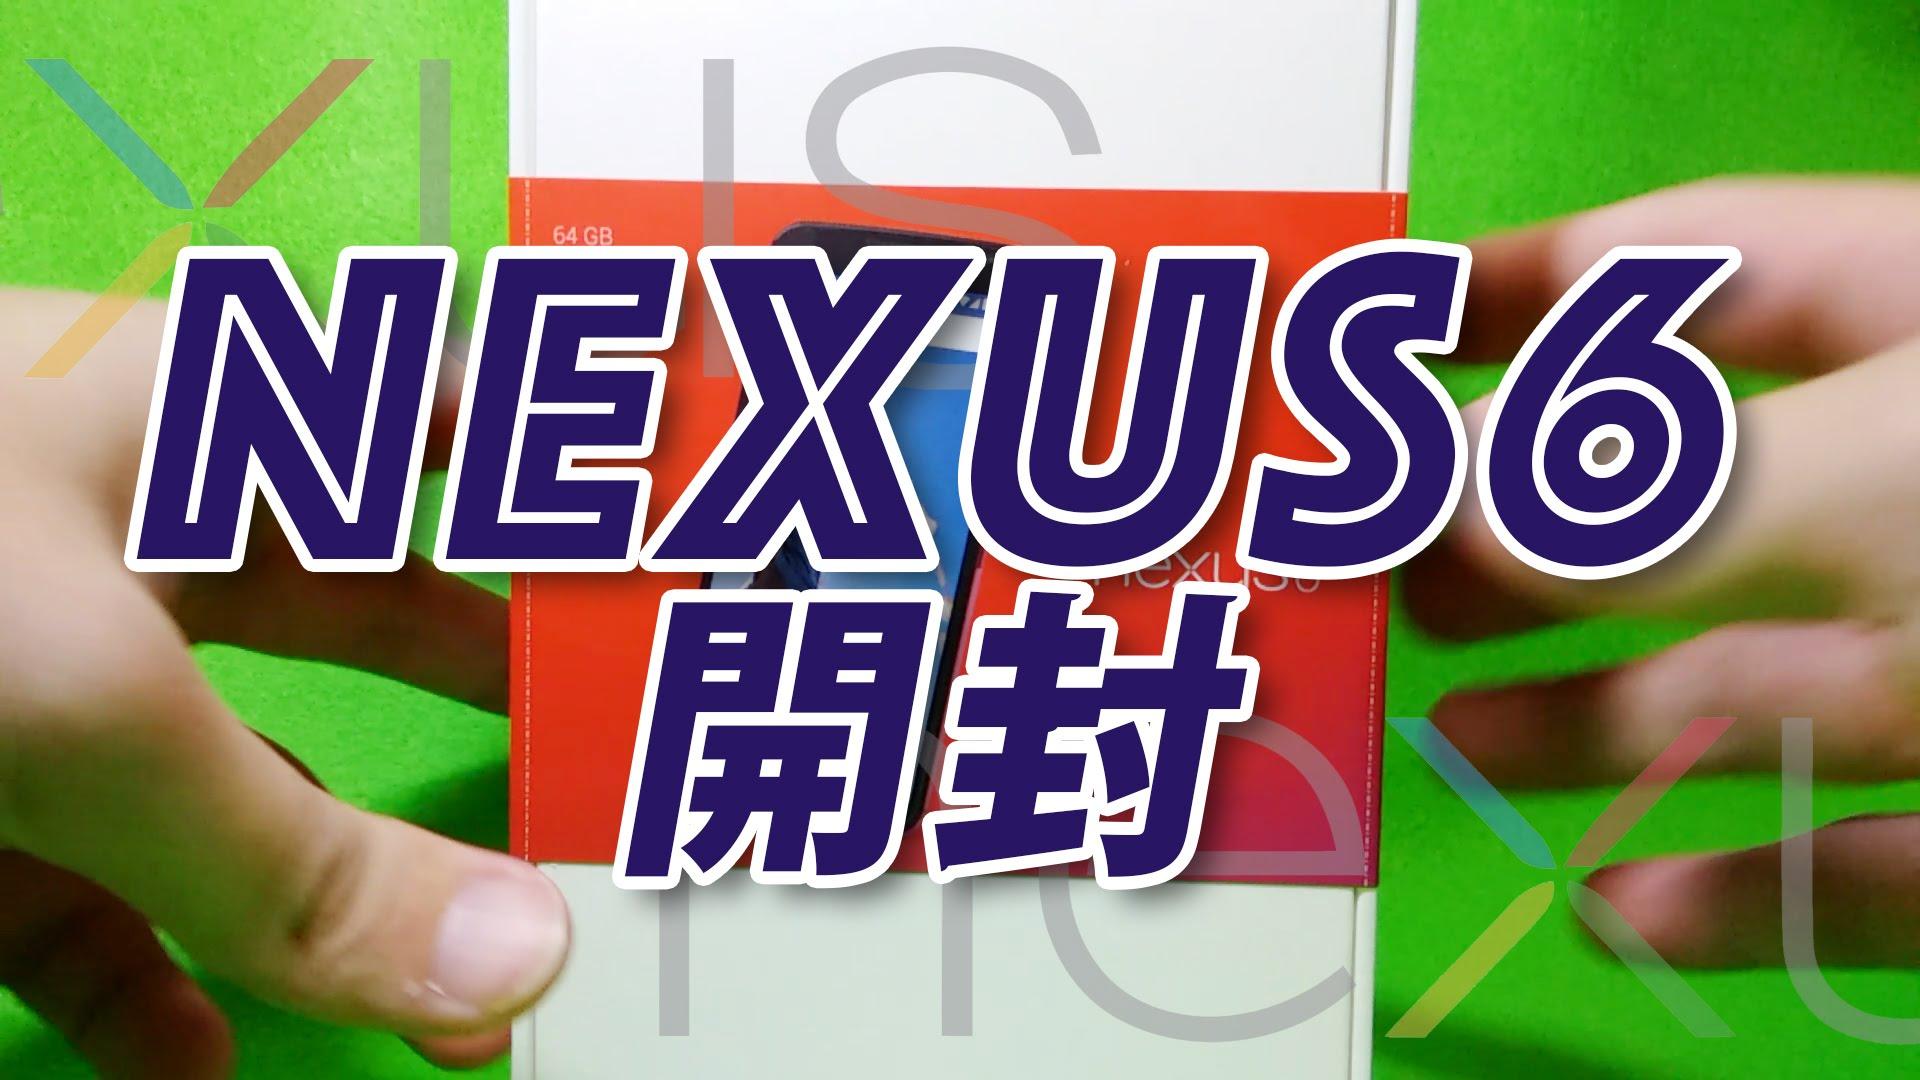 Nexus6が届いた。